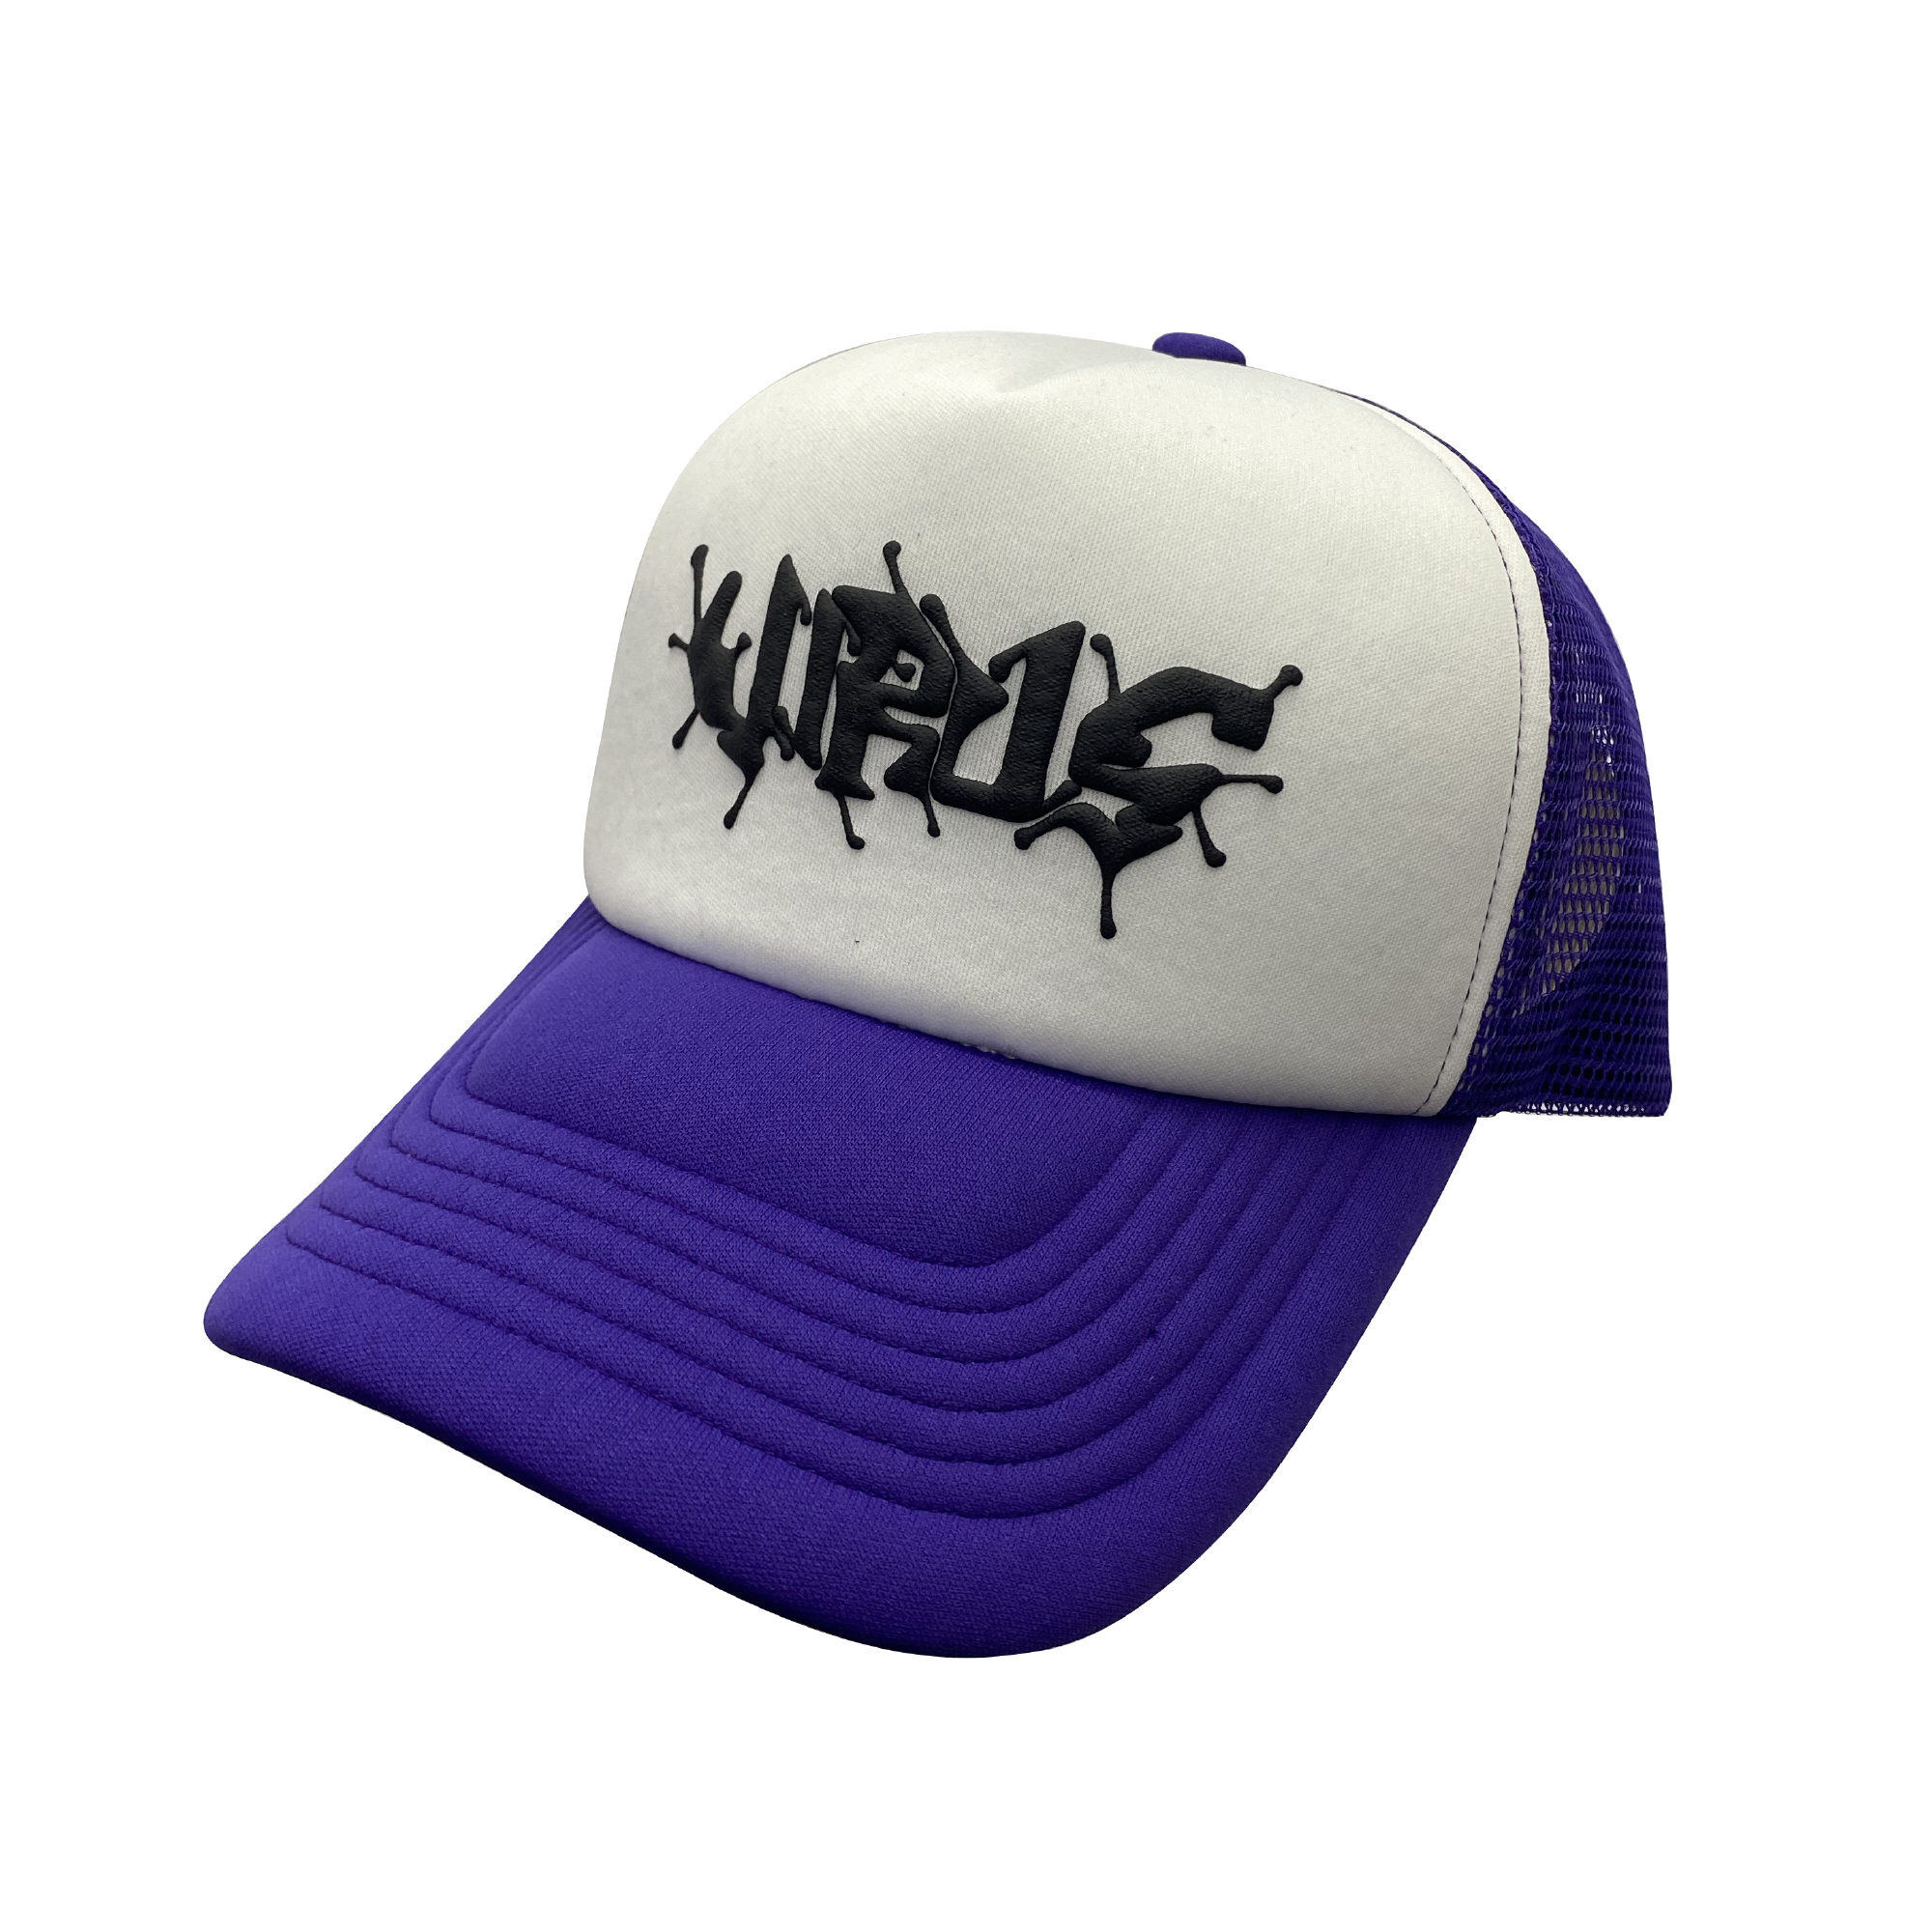 VIRUS WORLD Virus Logo Mesh Cap PURPLE